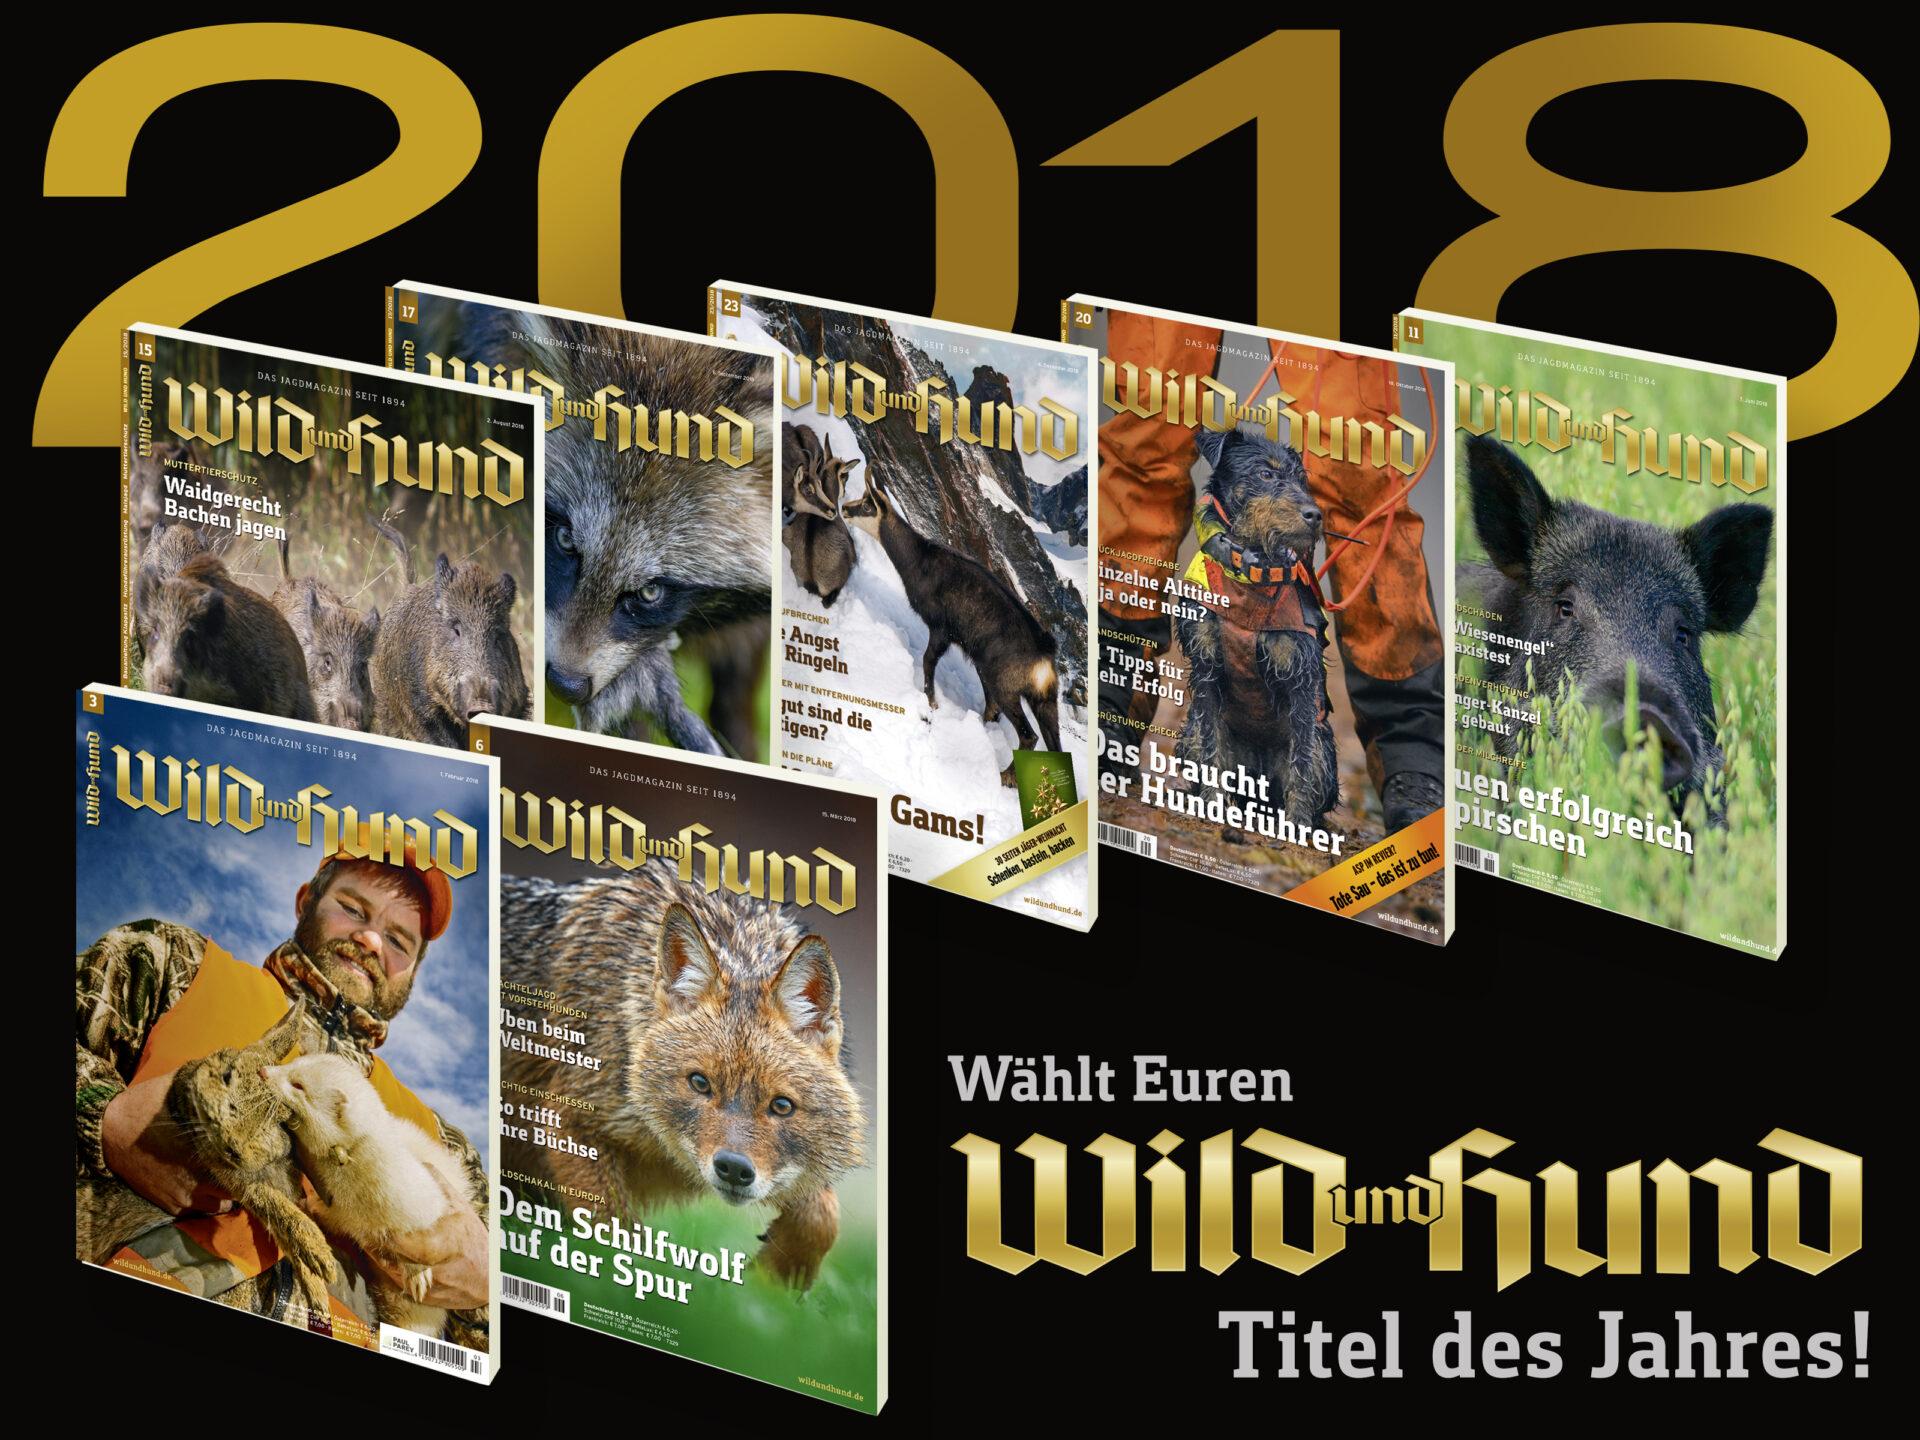 9dc93ca4758e09 WILD UND HUND - Titelbild des Jahres 2018 - WILD UND HUND